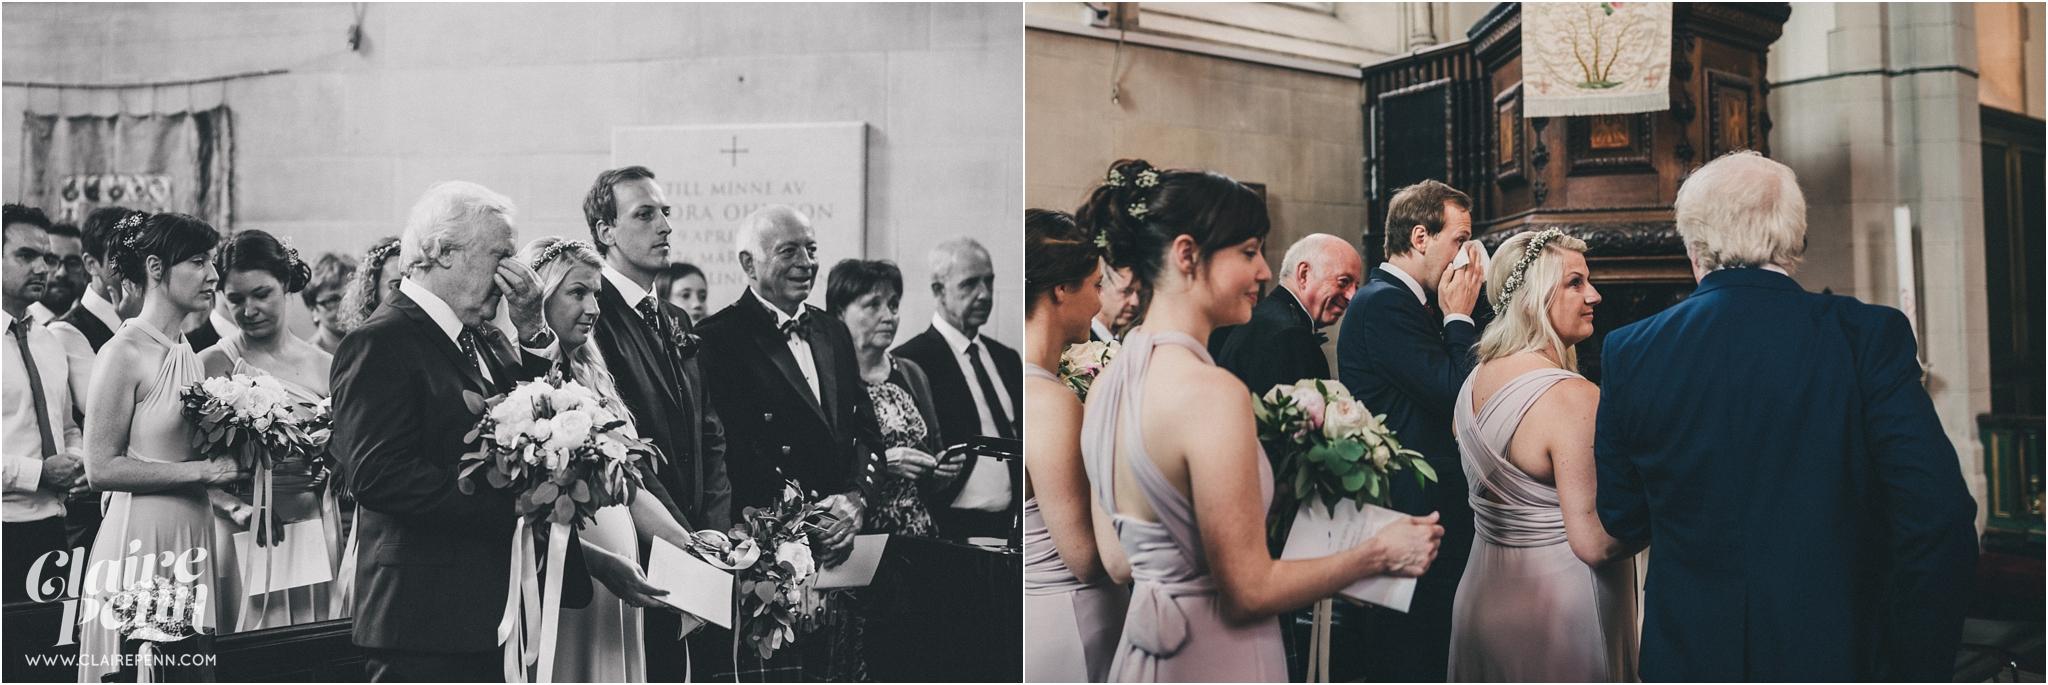 Tipi wedding London Swedish church wedding_0016.jpg